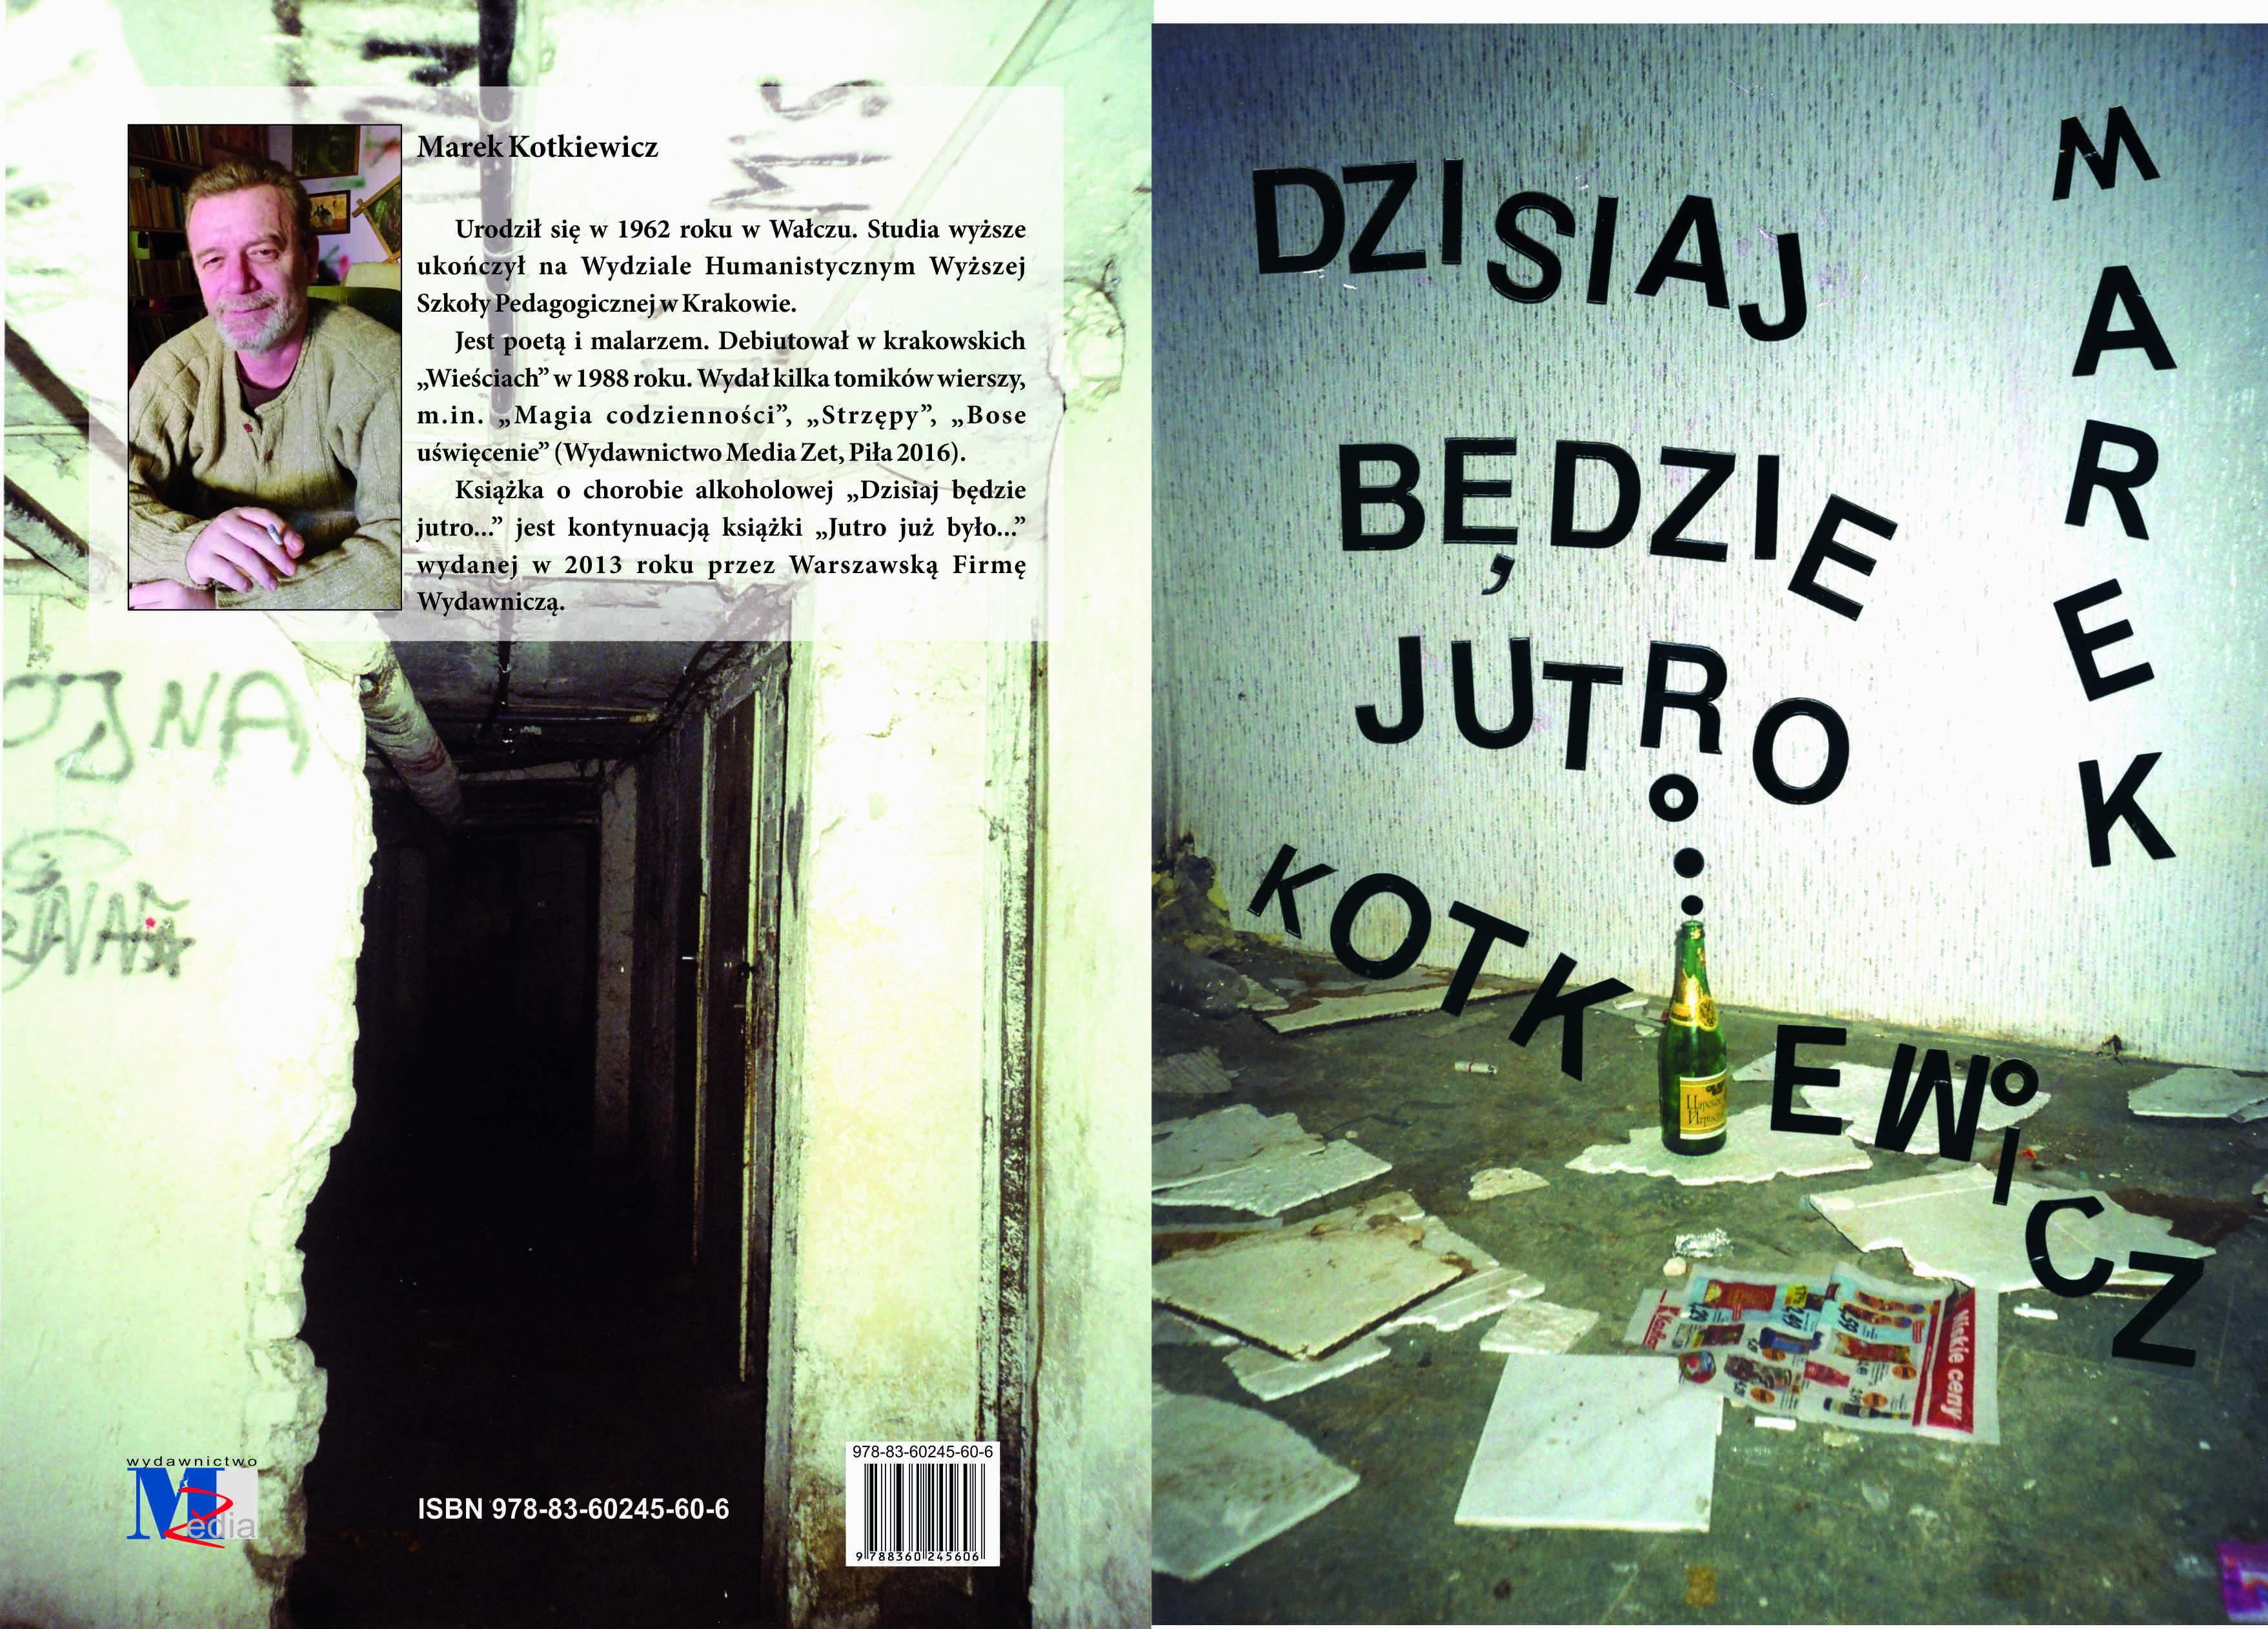 Książki Strona 5 Wydawnictwo Media Zet